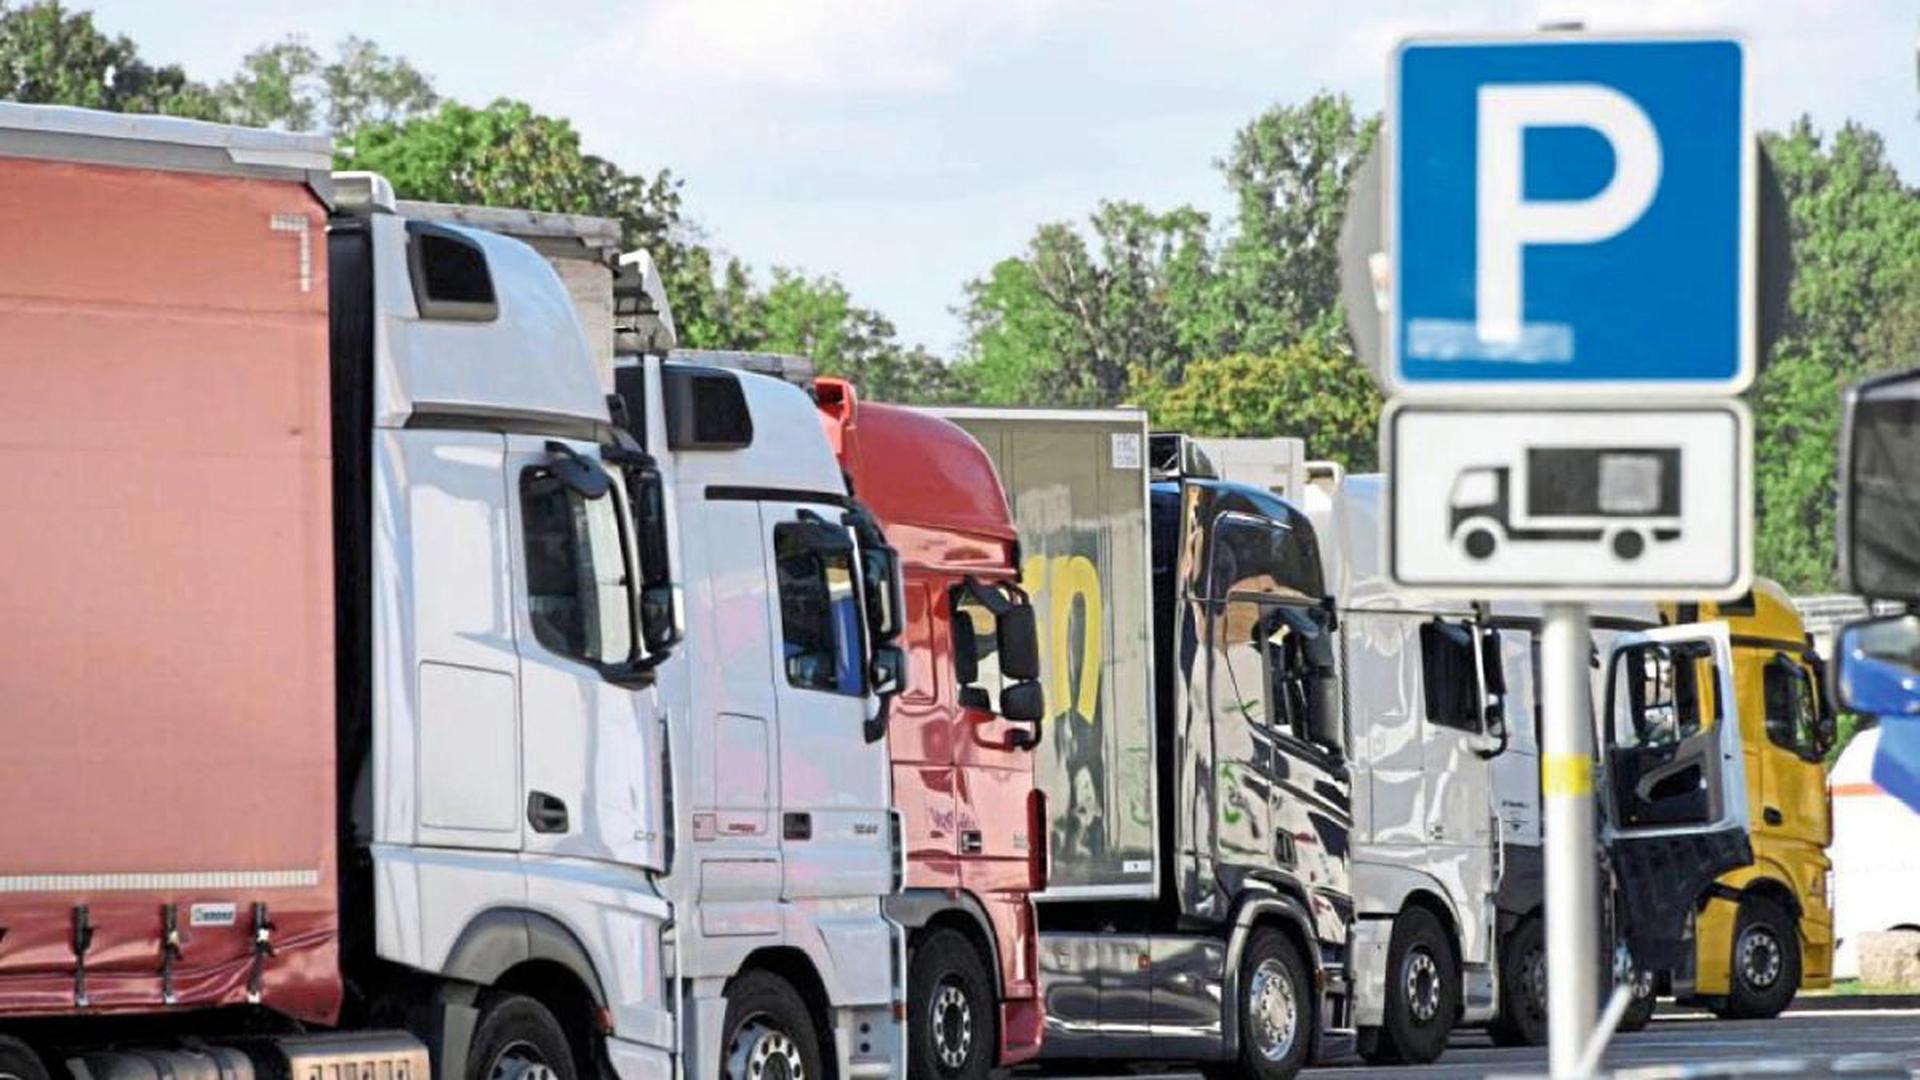 Parkplatz gesucht: Lastwagen stehen an der A5 bei Karlsruhe auf einem Rastplatz mit Lkw-Parkplätzen. Die mangelnden Stellplätze führen immer wieder zu brenzligen Situationen, wenn Fahrer falsch parken.